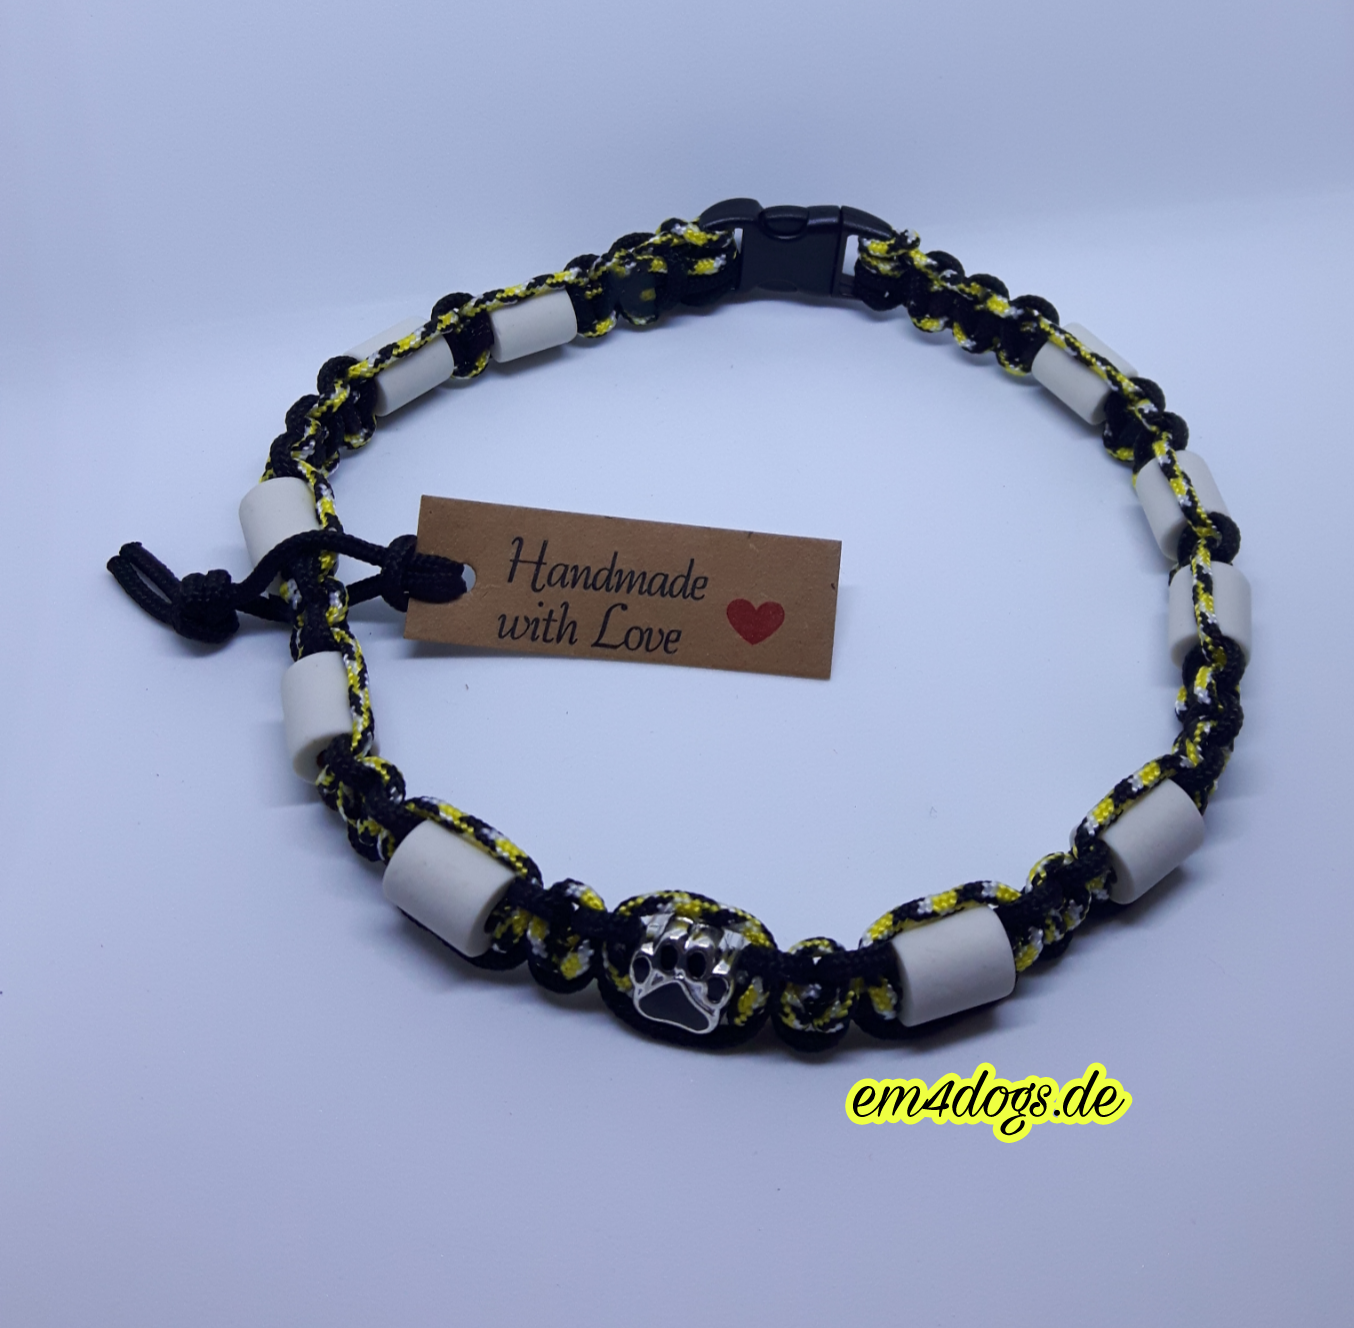 em4dogs.de EM-Keramik Hundehalsband schwarz gelb gemischt